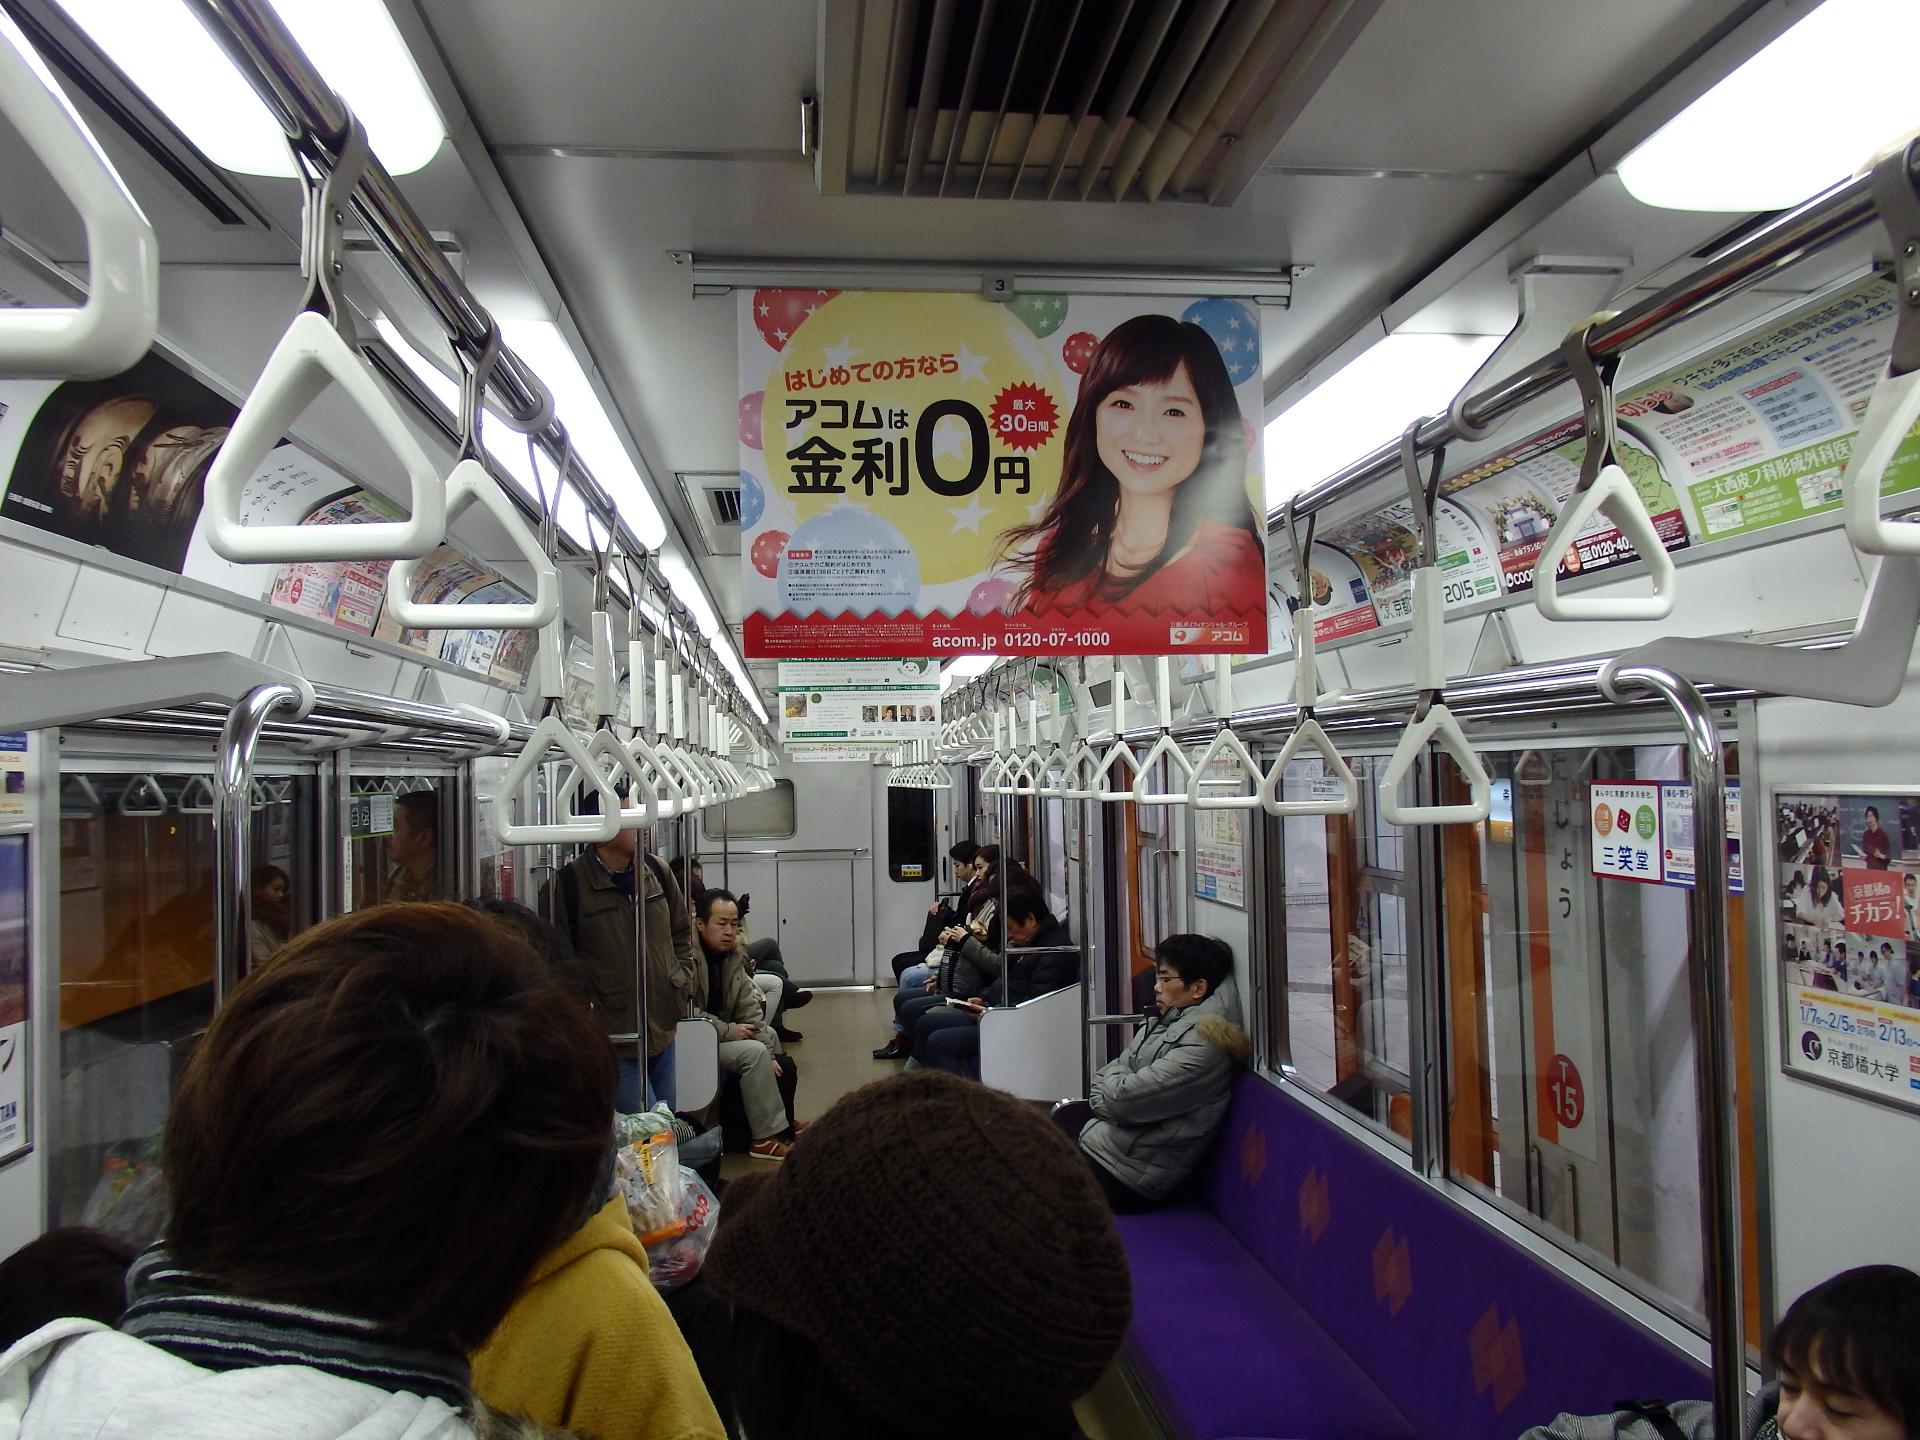 京都地下鉄東西線・六地蔵行です。